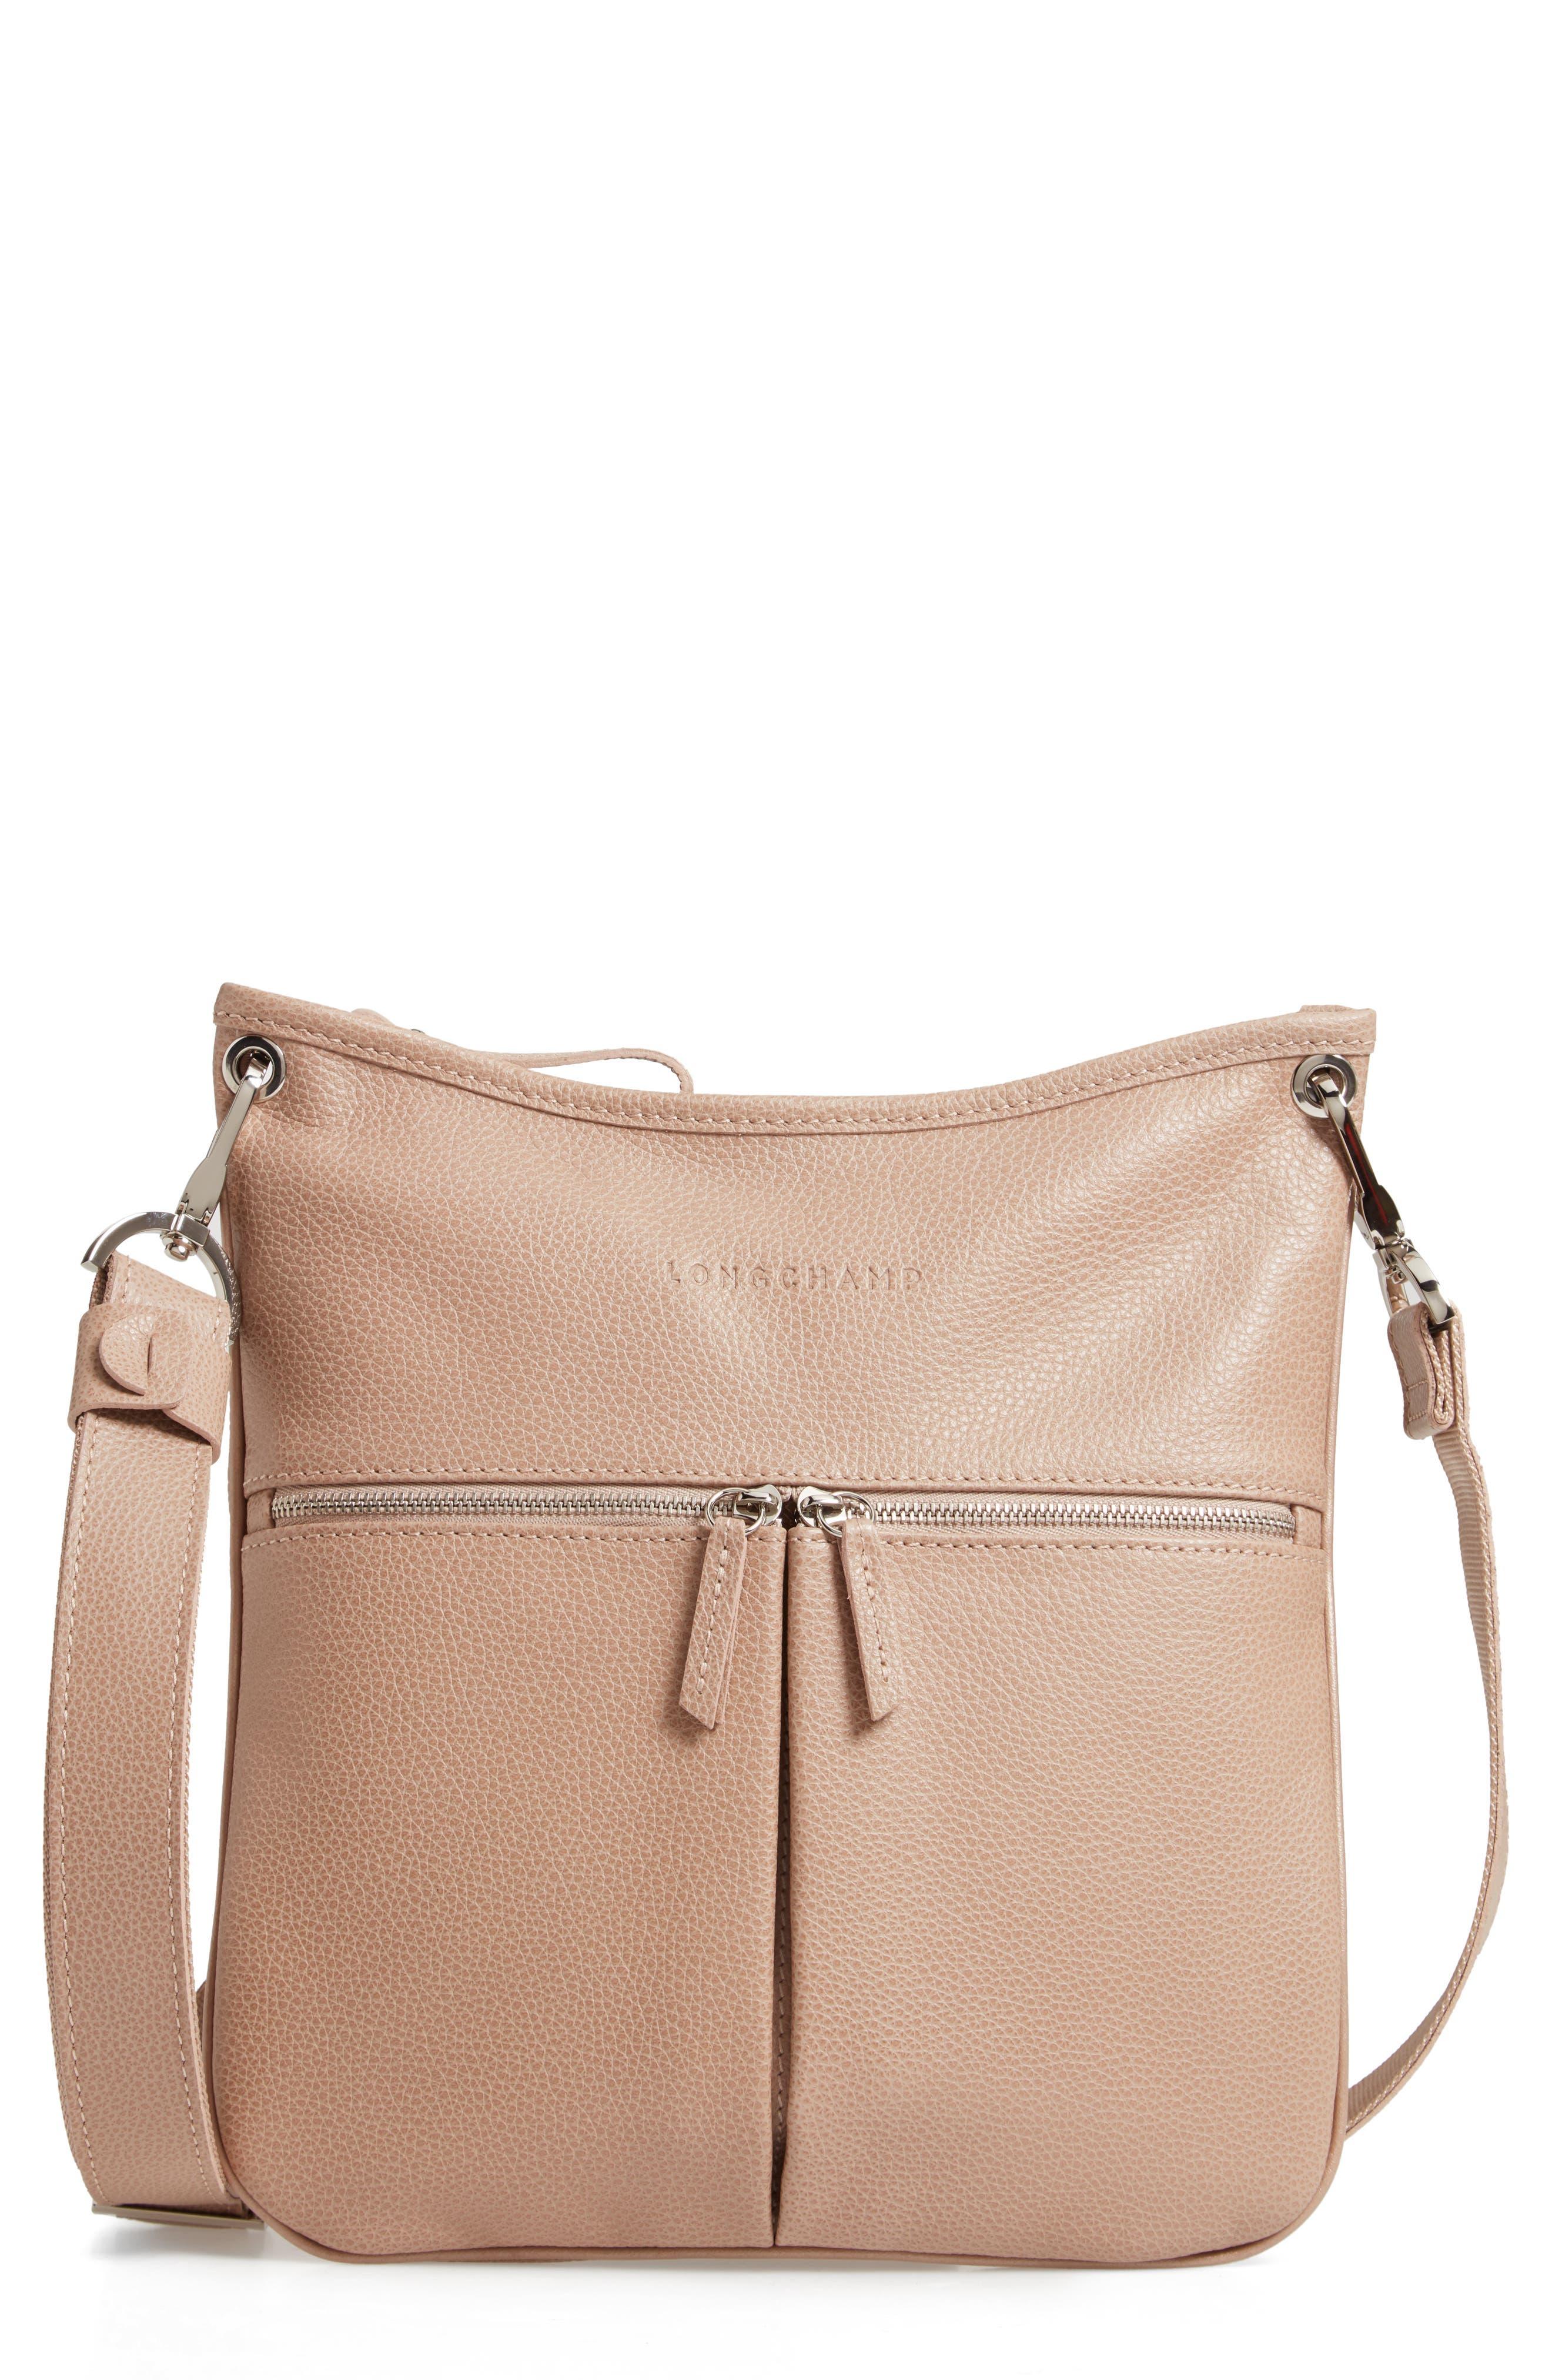 afb989d0dbff  300 –  500 Crossbody Bags